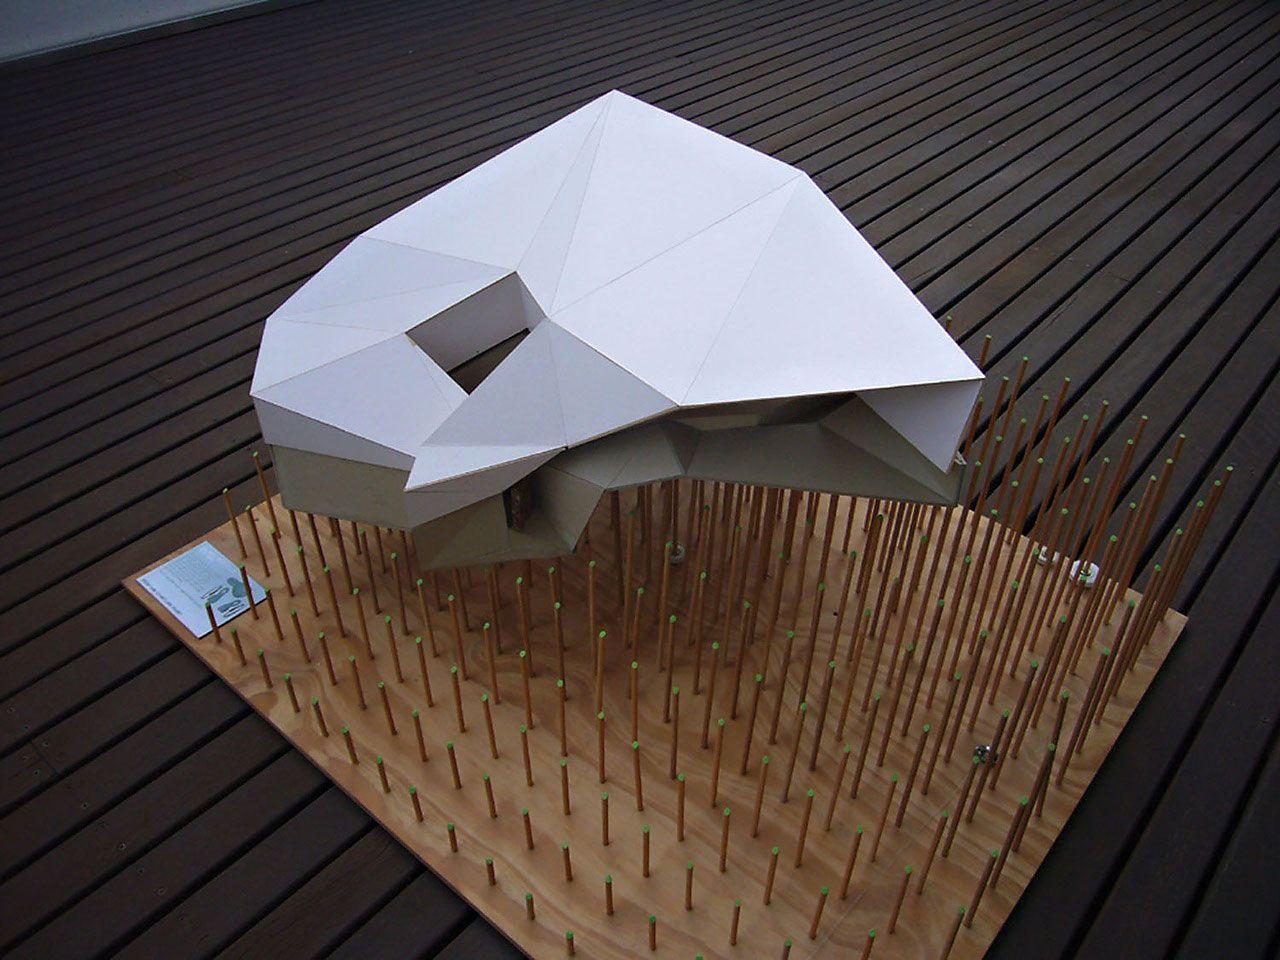 Klein Bottle House 17 Caandesign Architecture And Home Design Blog - Klein-bottle-house-by-mcbride-charles-ryan